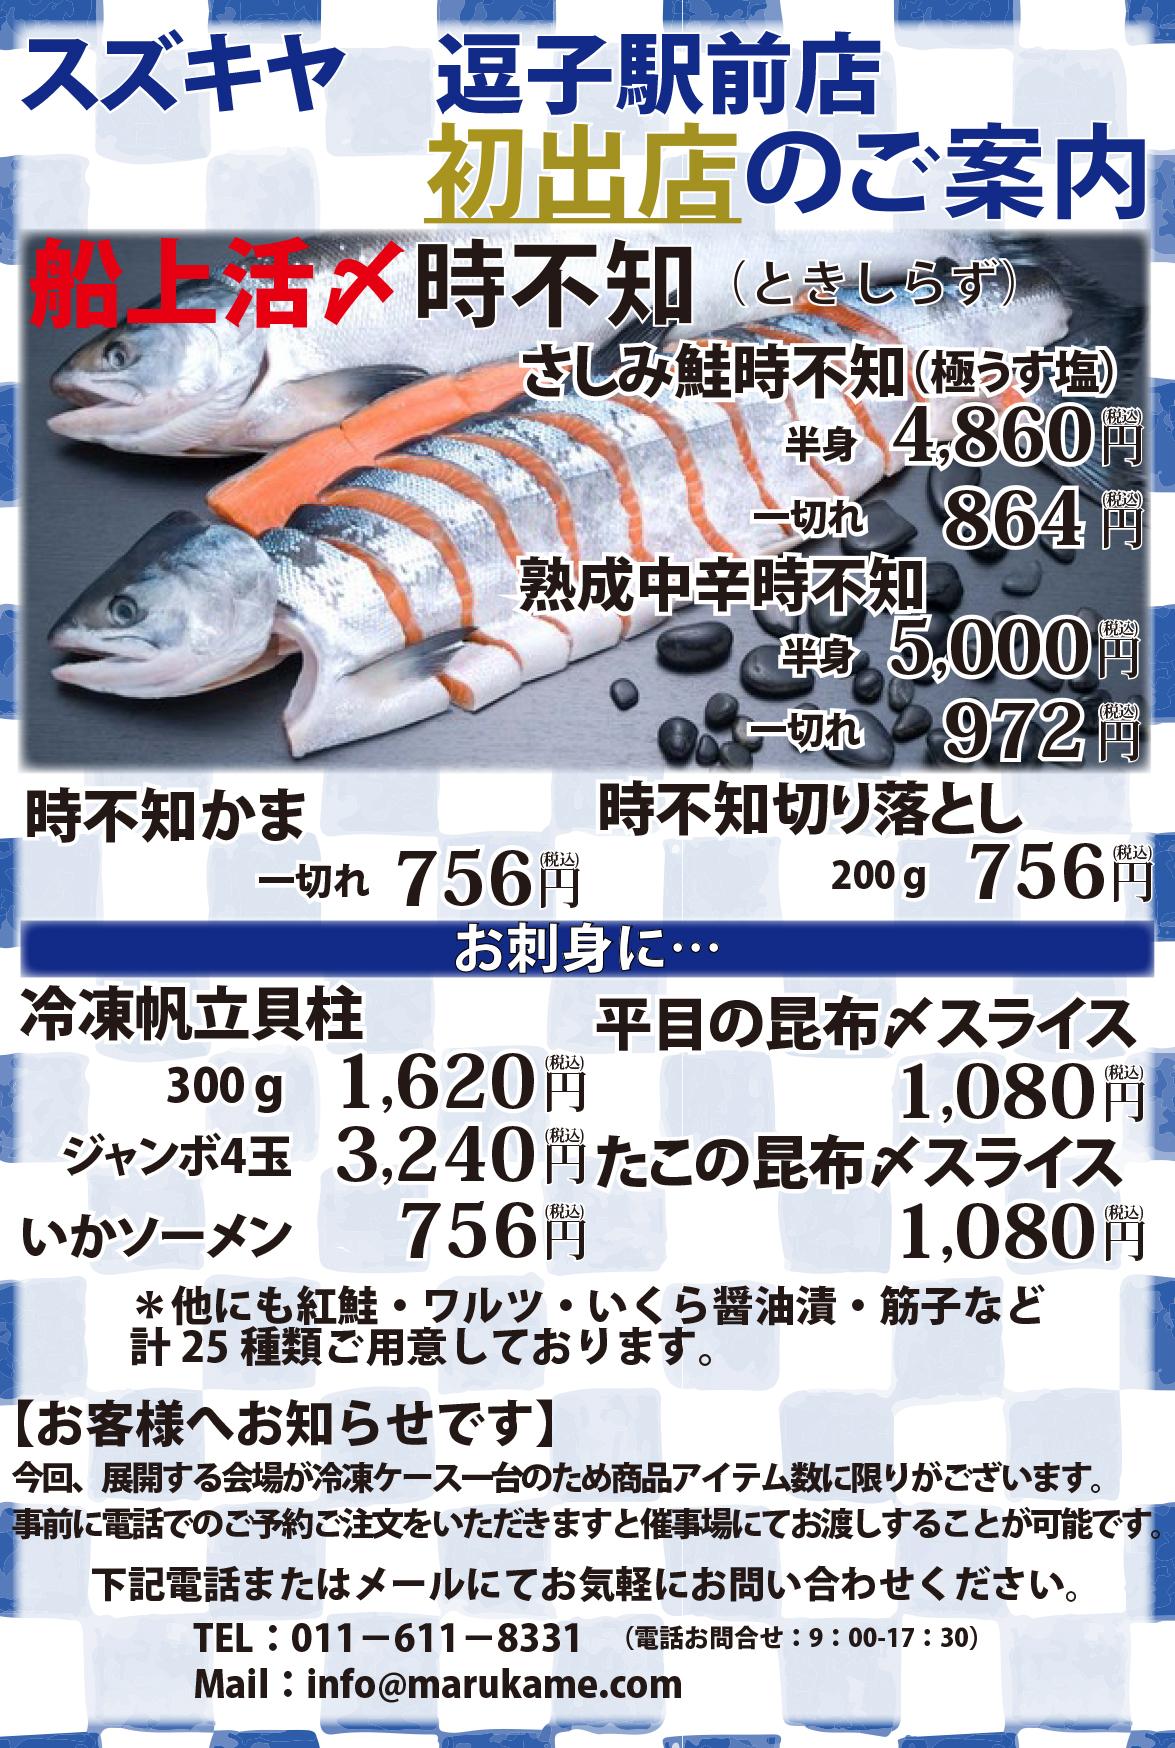 9月17日よりスズキヤ 逗子駅前店様にて出店致します。【初出店となります】